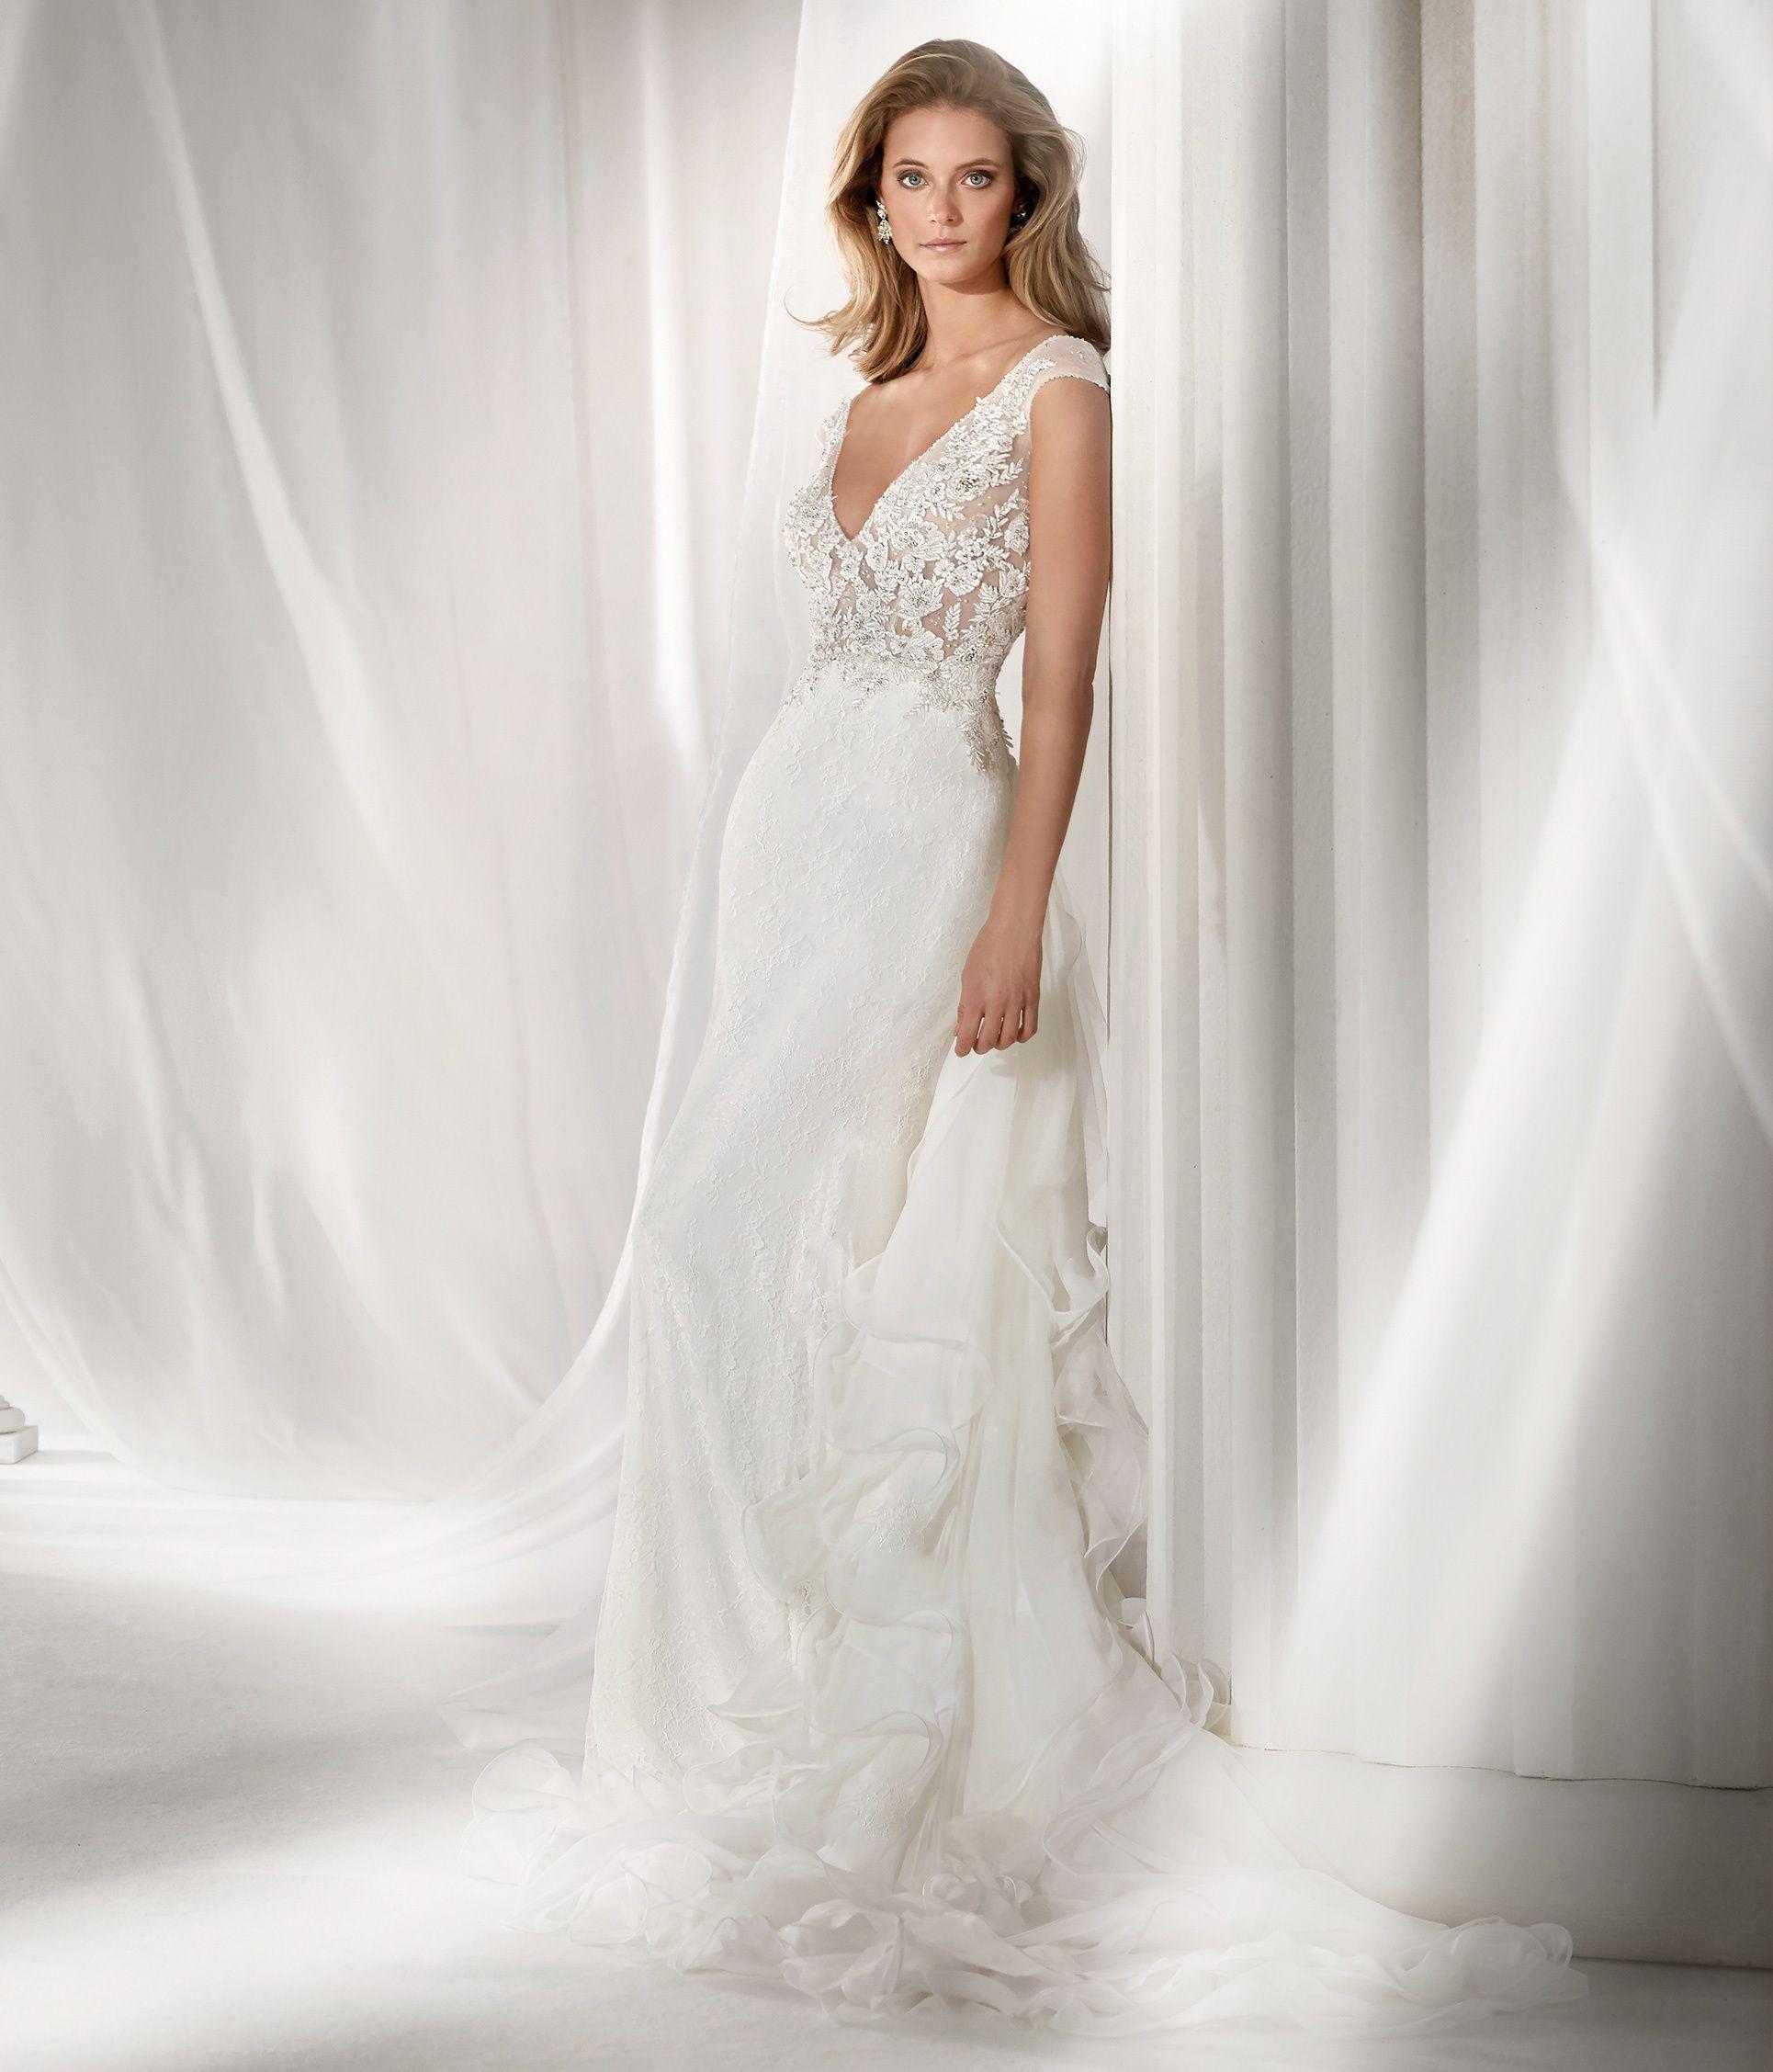 c35655a4c1b0 Moda sposa 2019 - Collezione NICOLE. NIAB19017. Abito da sposa Nicole.